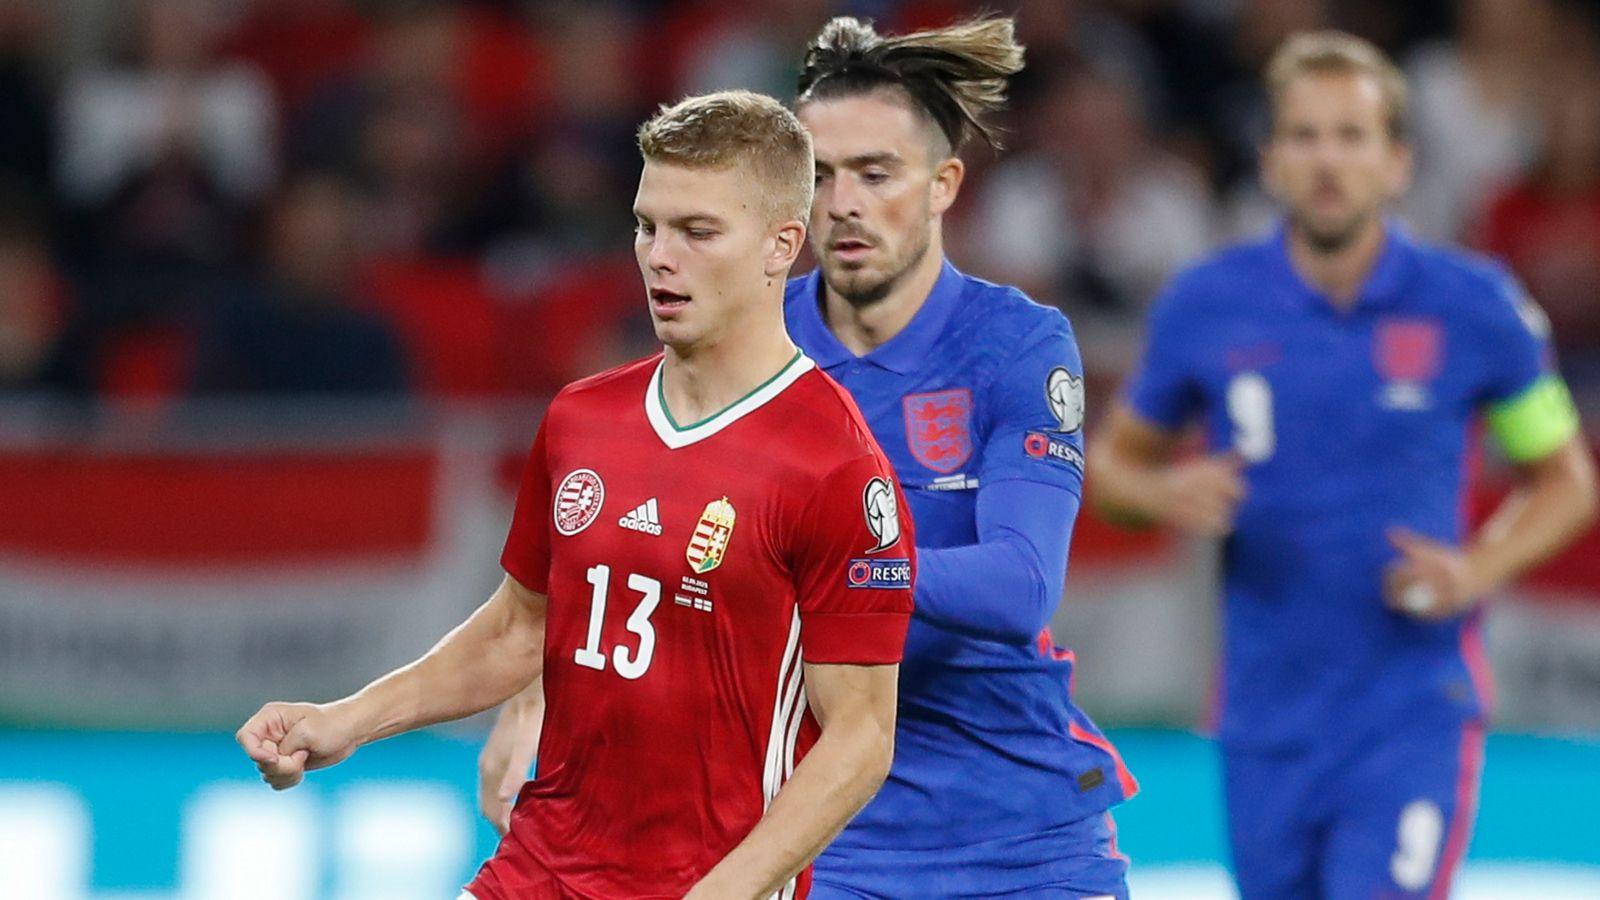 UFABETWINS โปแลนด์ vs อังกฤษ